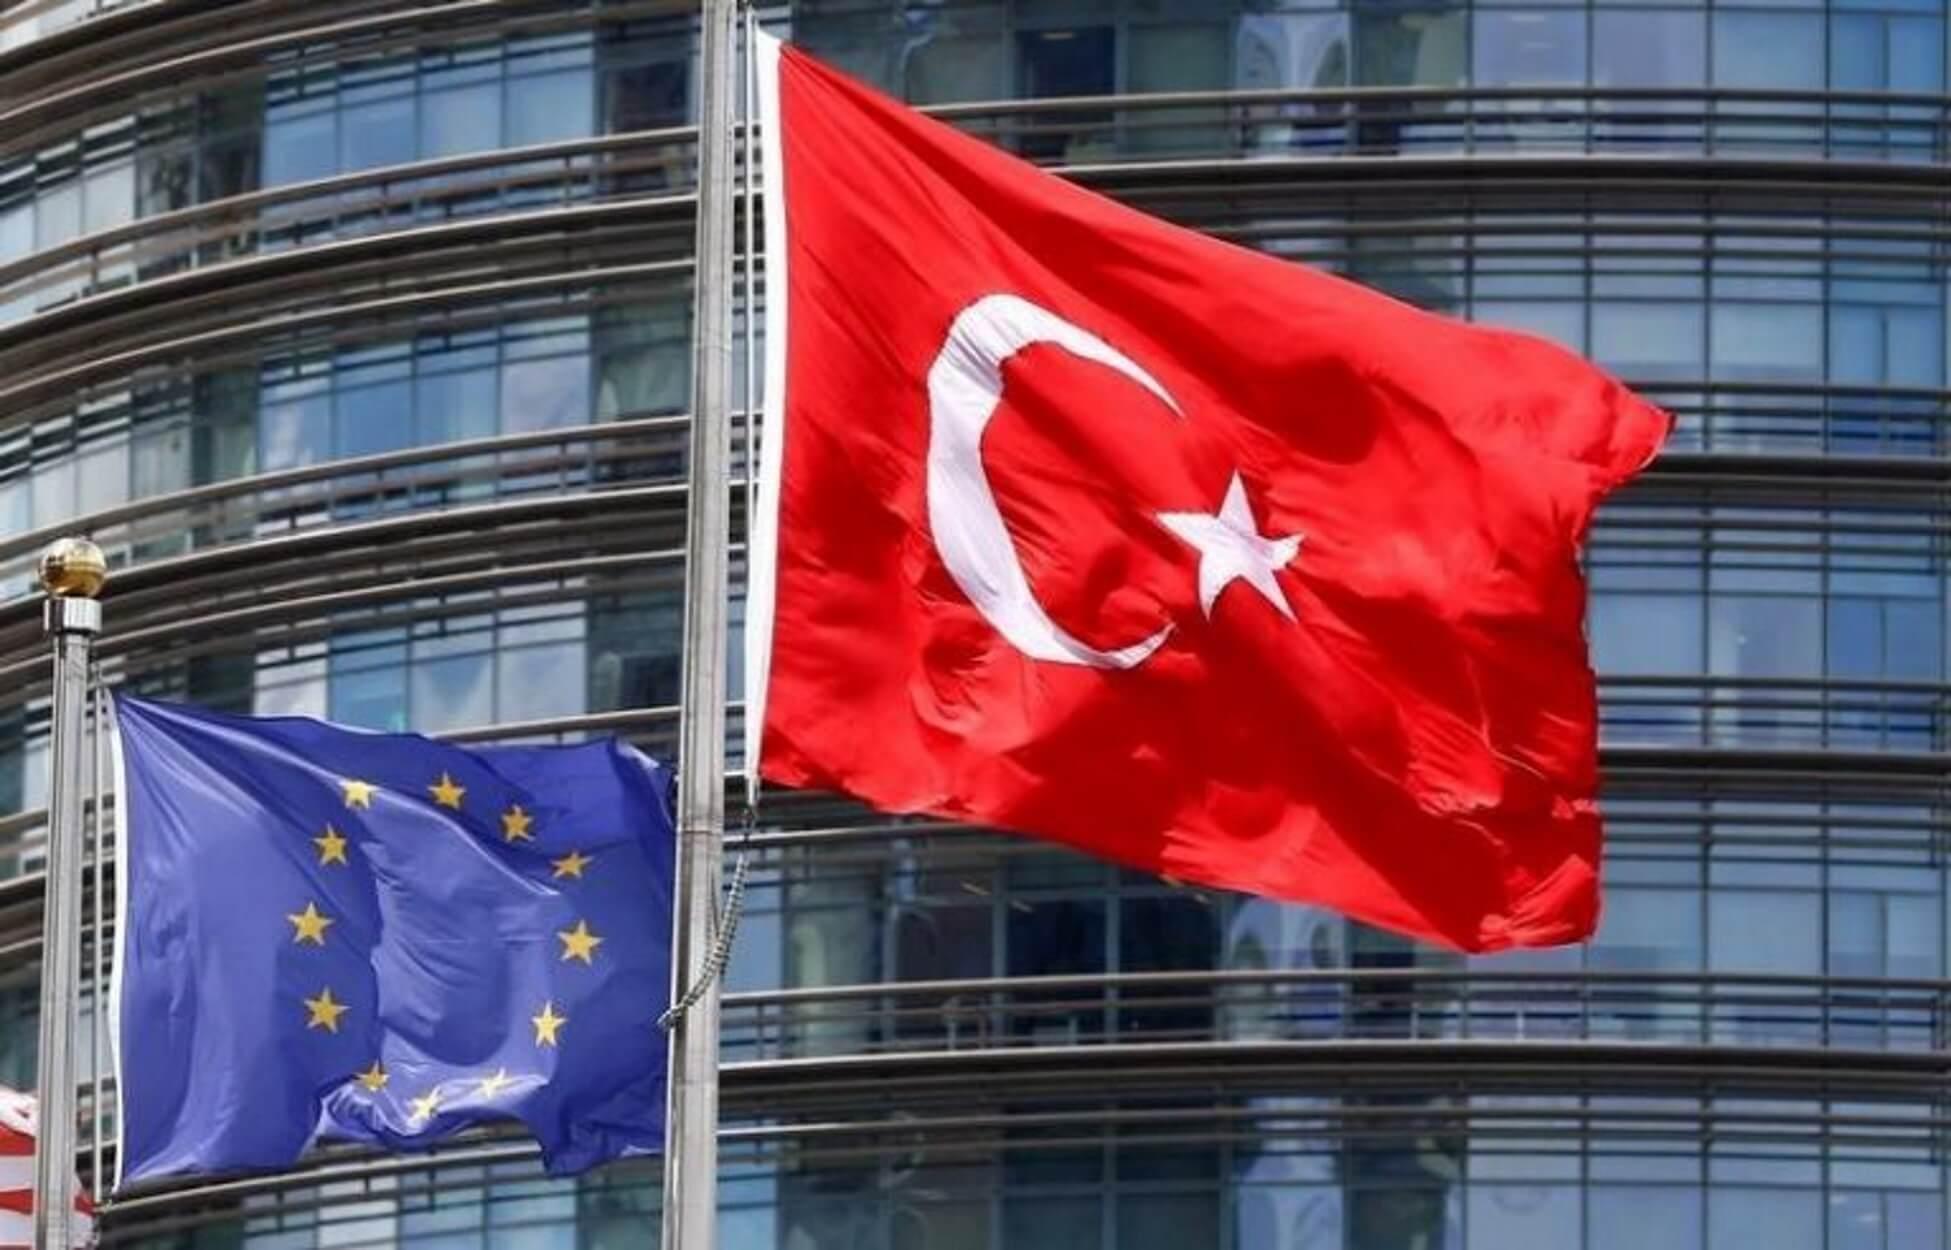 """Τουρκία: Σφίγγει η Ευρωπαϊκή """"μέγγενη για τις ενέργειες στην Κυπριακή ΑΟΖ"""